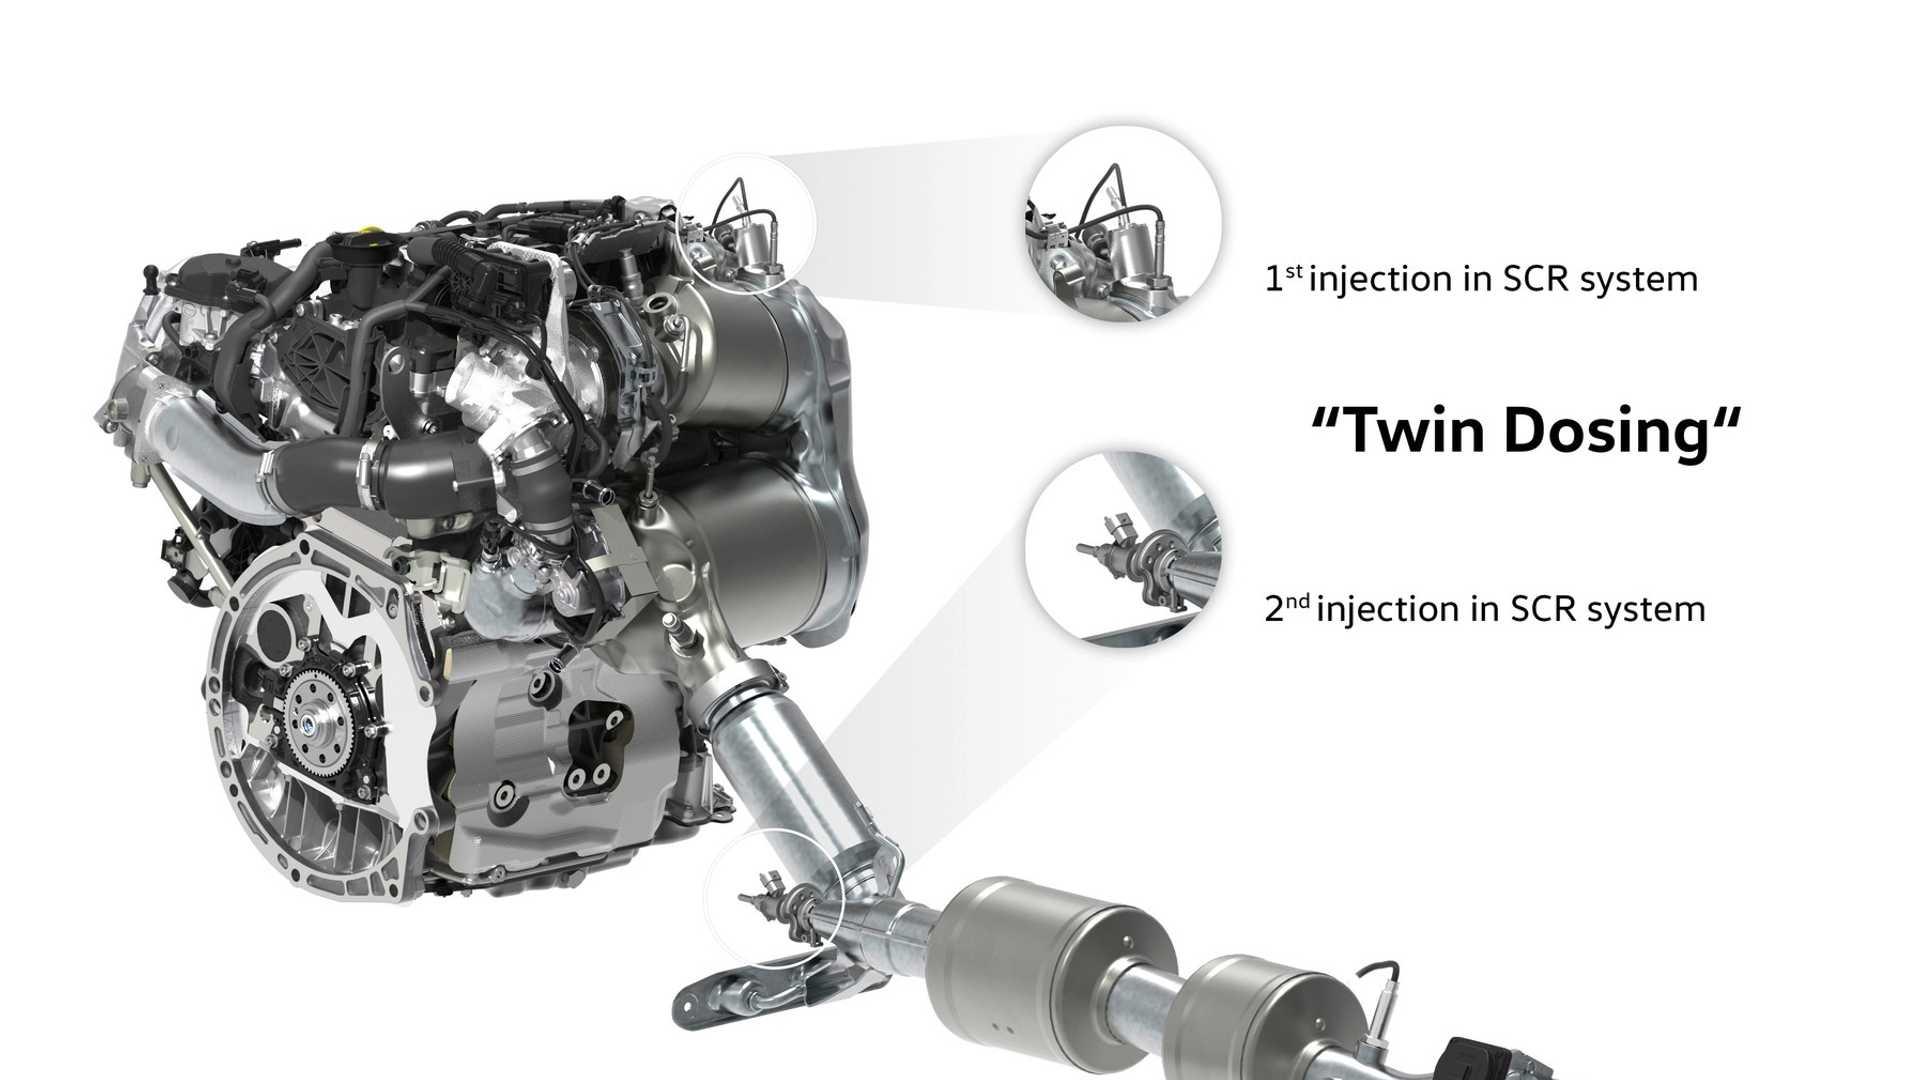 Belum Menyerah, Volkswagen Segera Kenalkan Mesin Diesel Baru